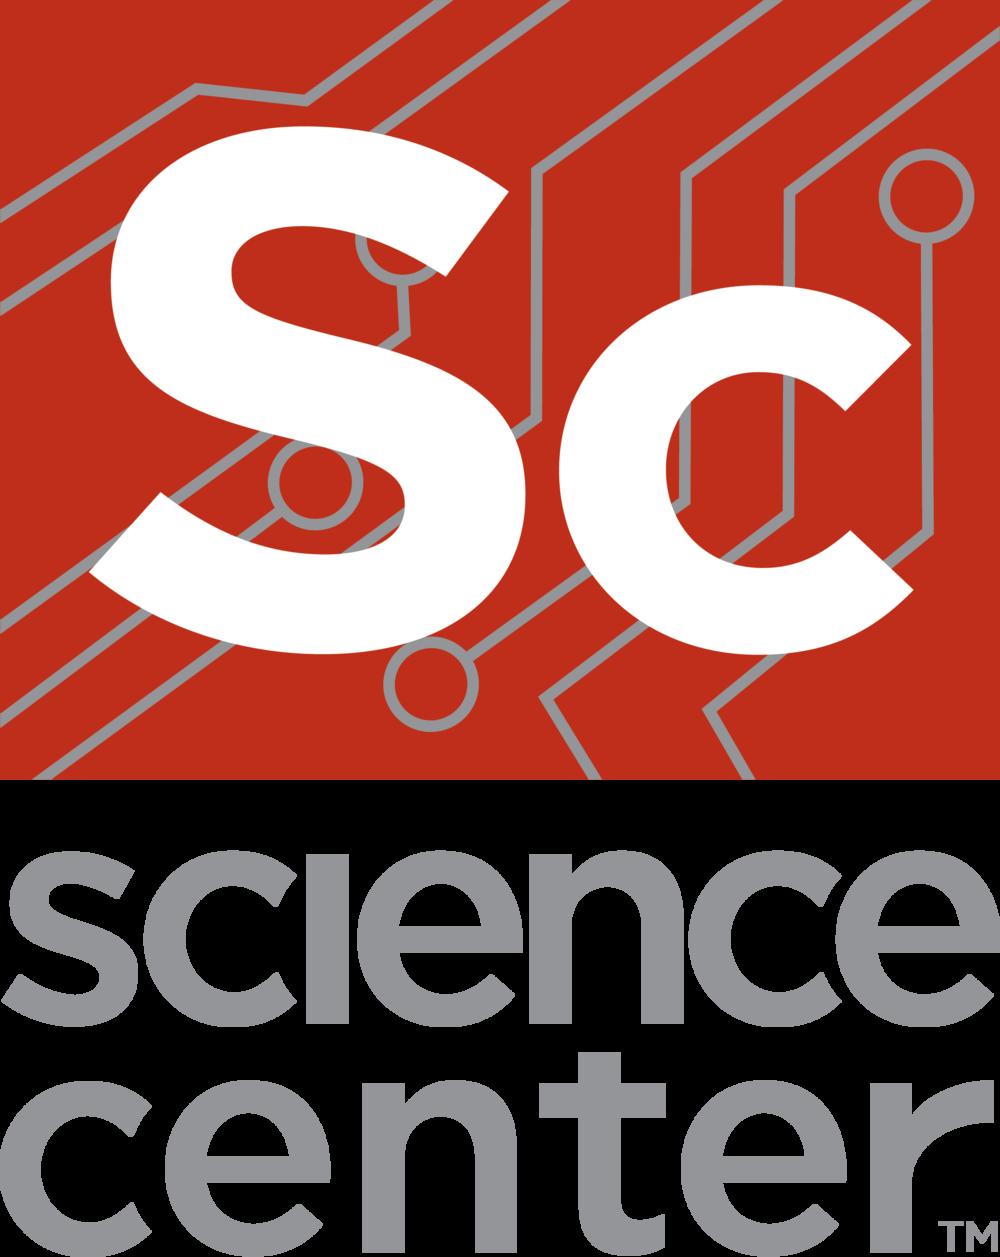 SC_logo_4C_no-tagline cs5.png